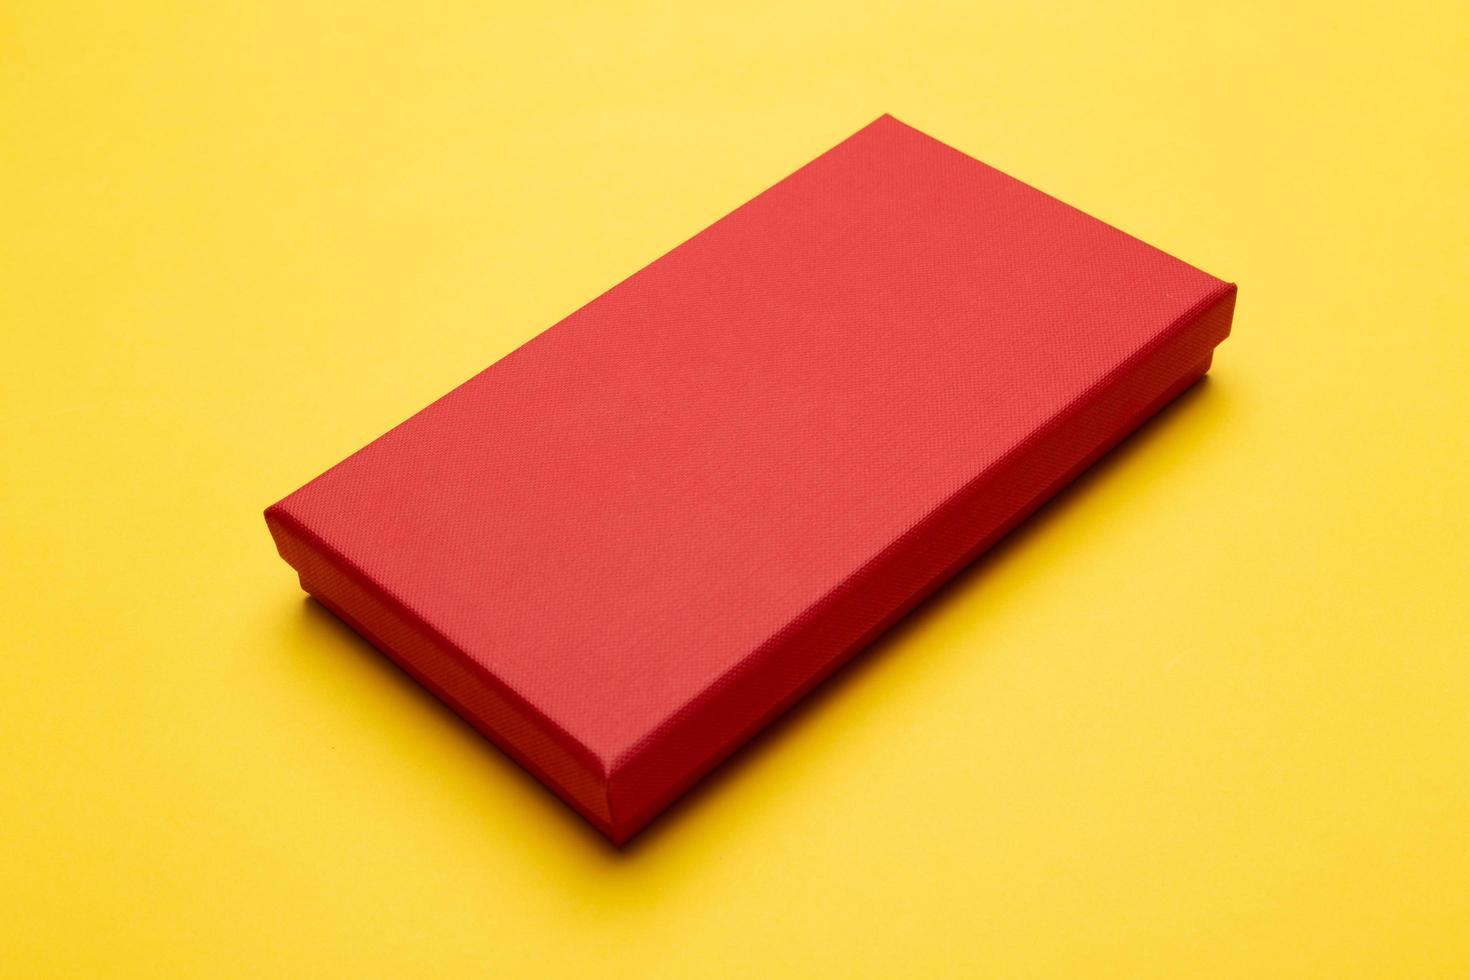 rote Box lokalisiert auf gelbem Hintergrund foto